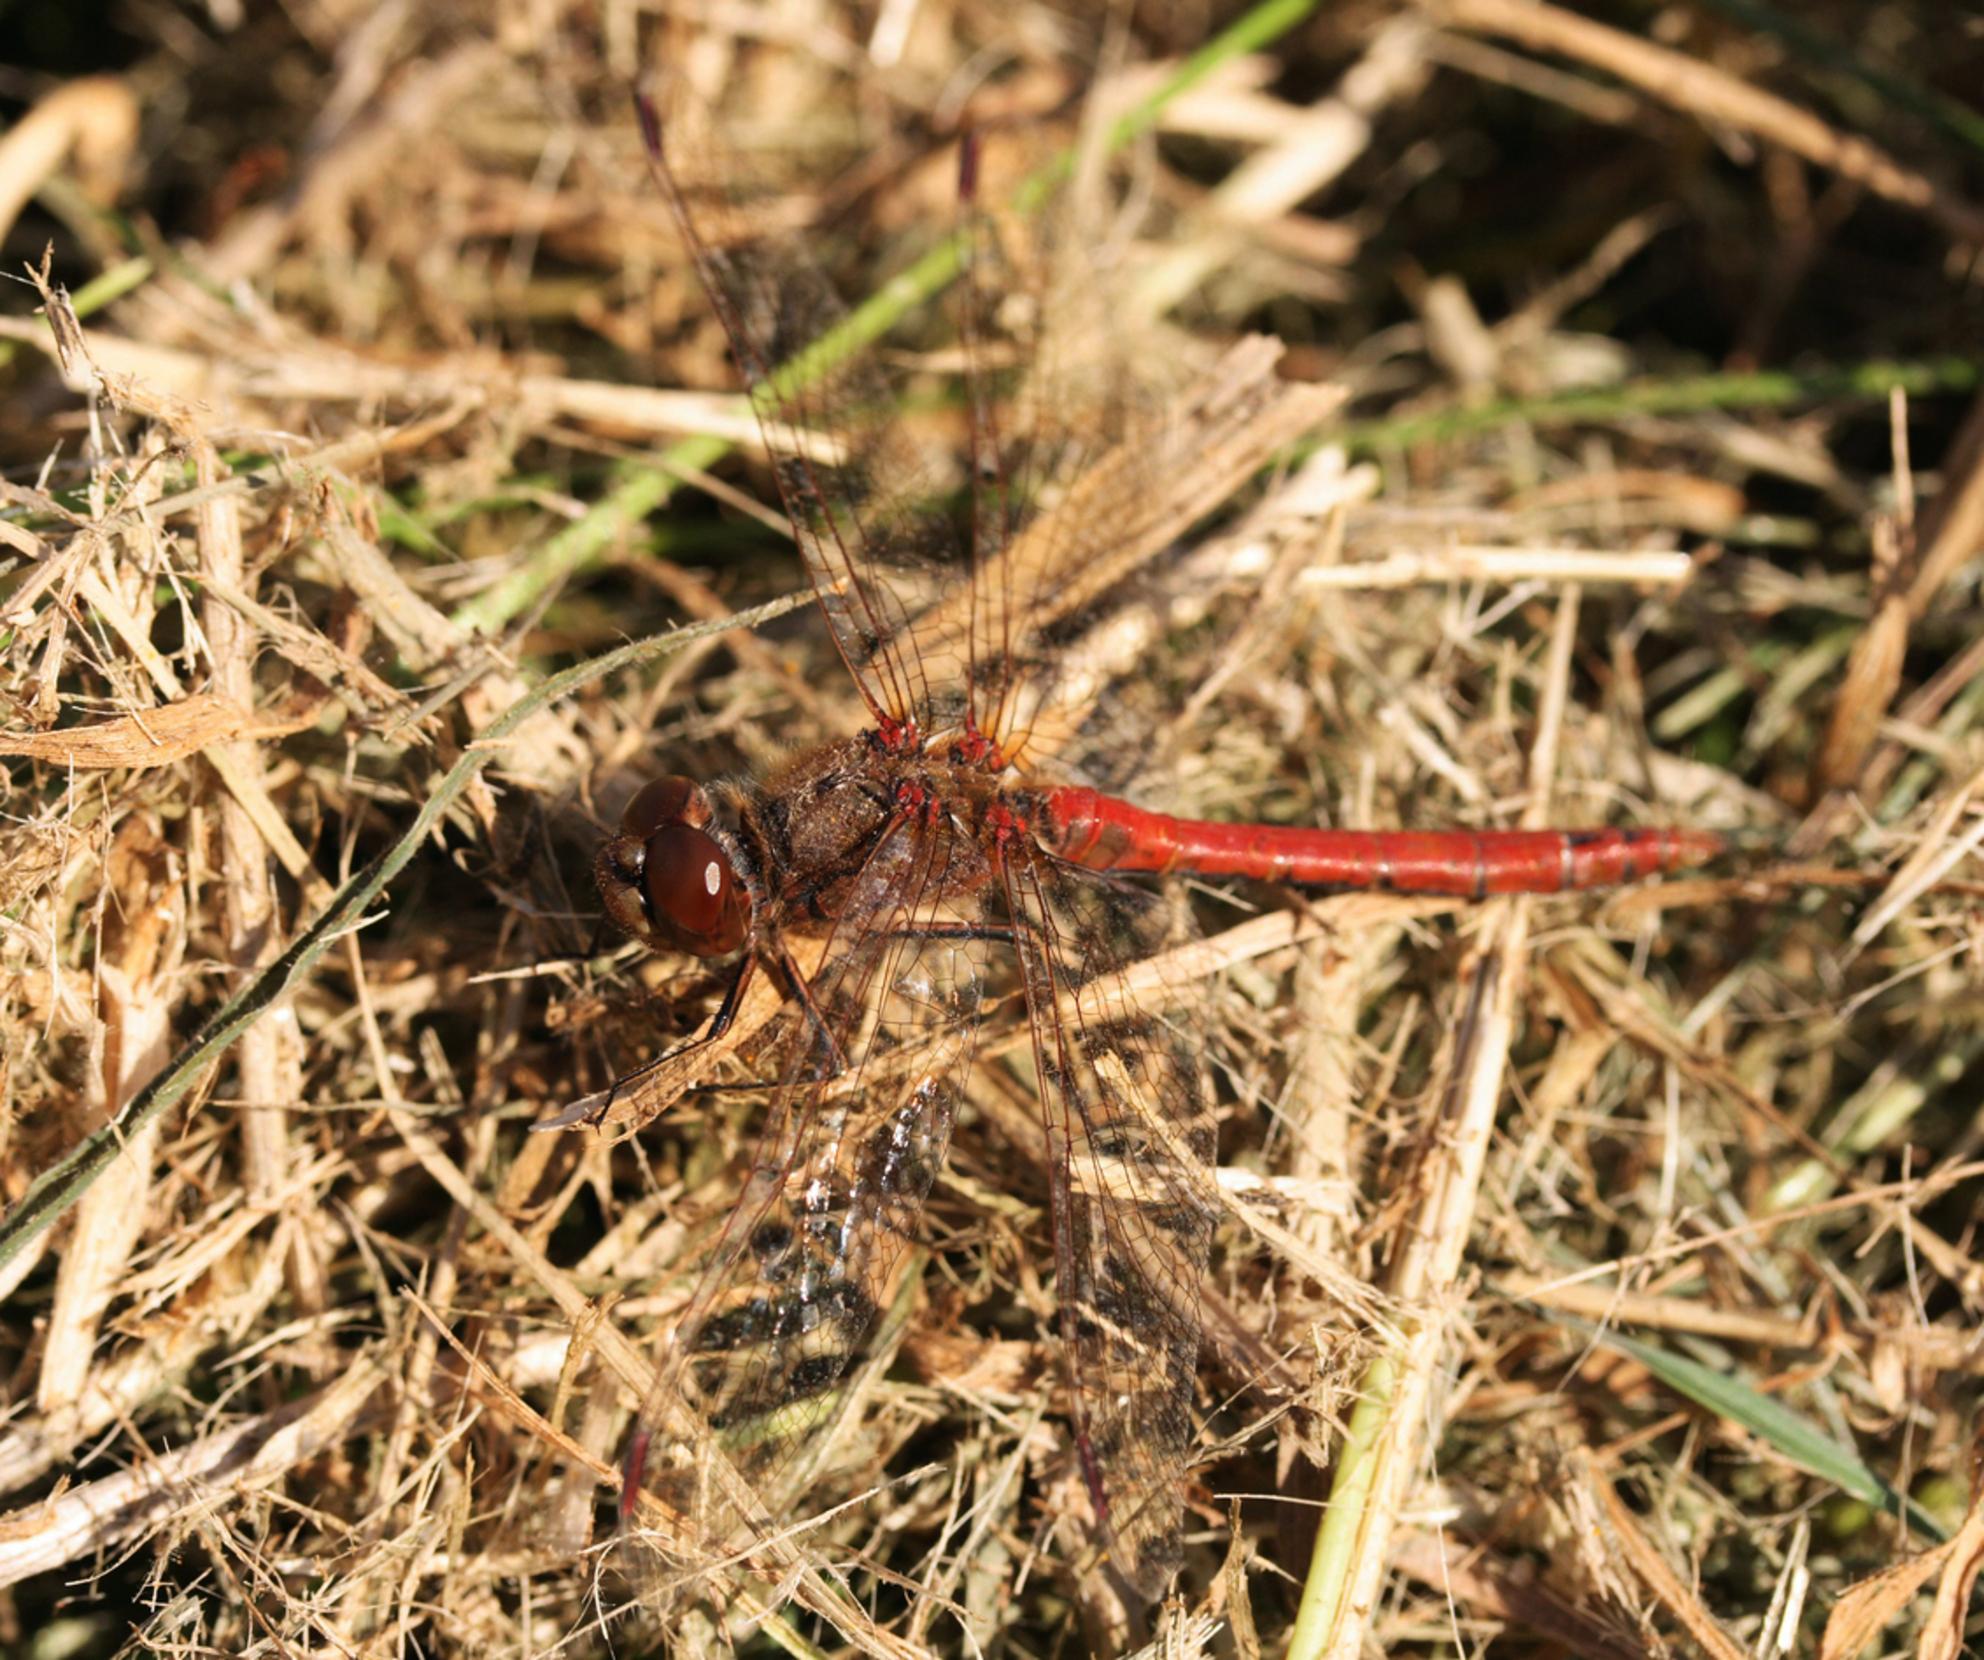 Bruinrode Heidelibel - - - foto door Frob op 21-09-2008 - deze foto bevat: heidelibel, libel, bruinrode, nootdorp, dobbeplas, frob - Deze foto mag gebruikt worden in een Zoom.nl publicatie